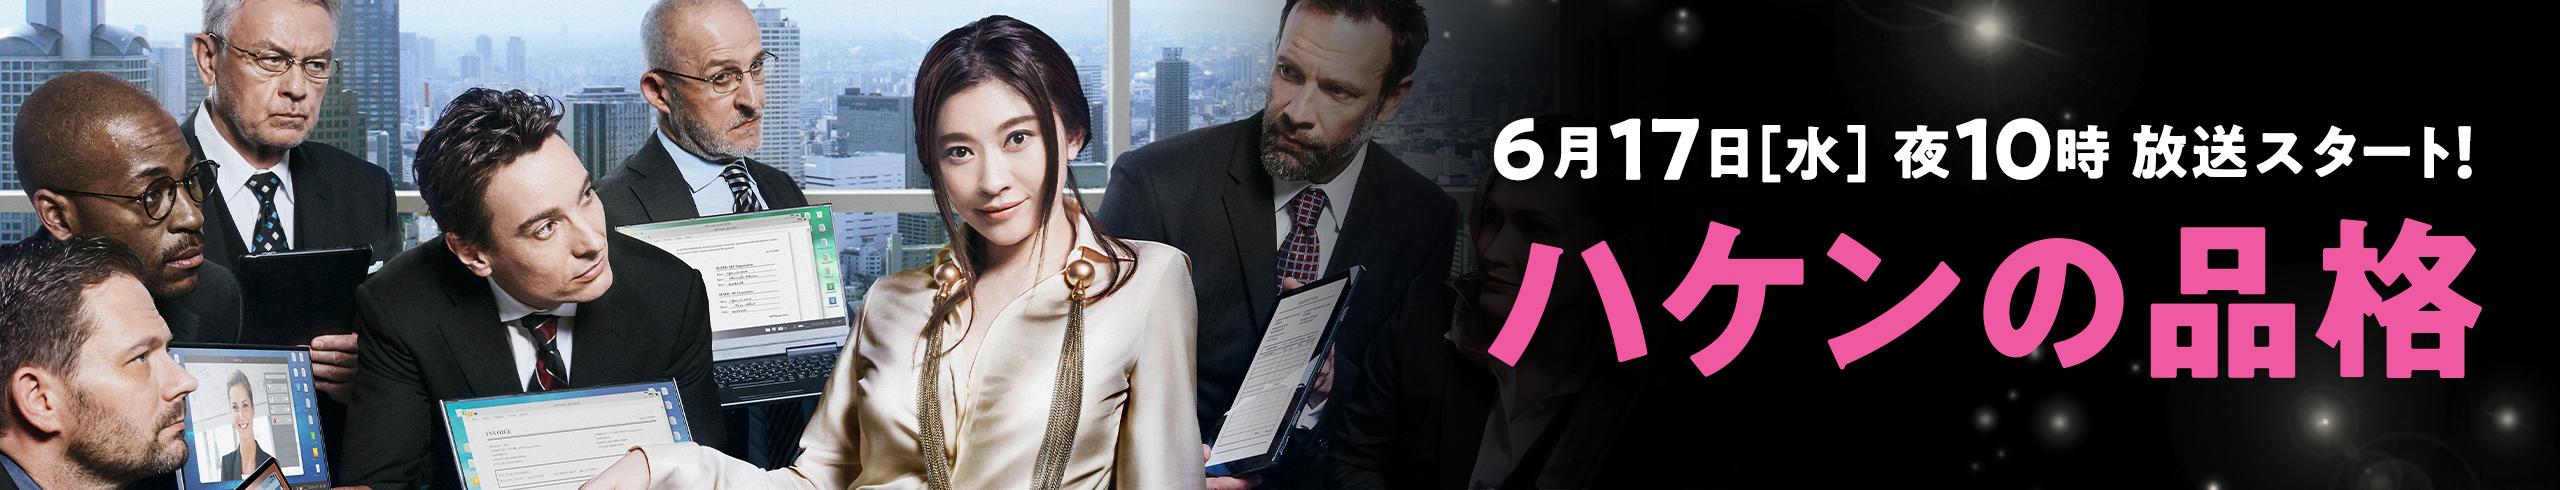 ハケンの品格シーズン2 1話 2020年6月17日タイトル